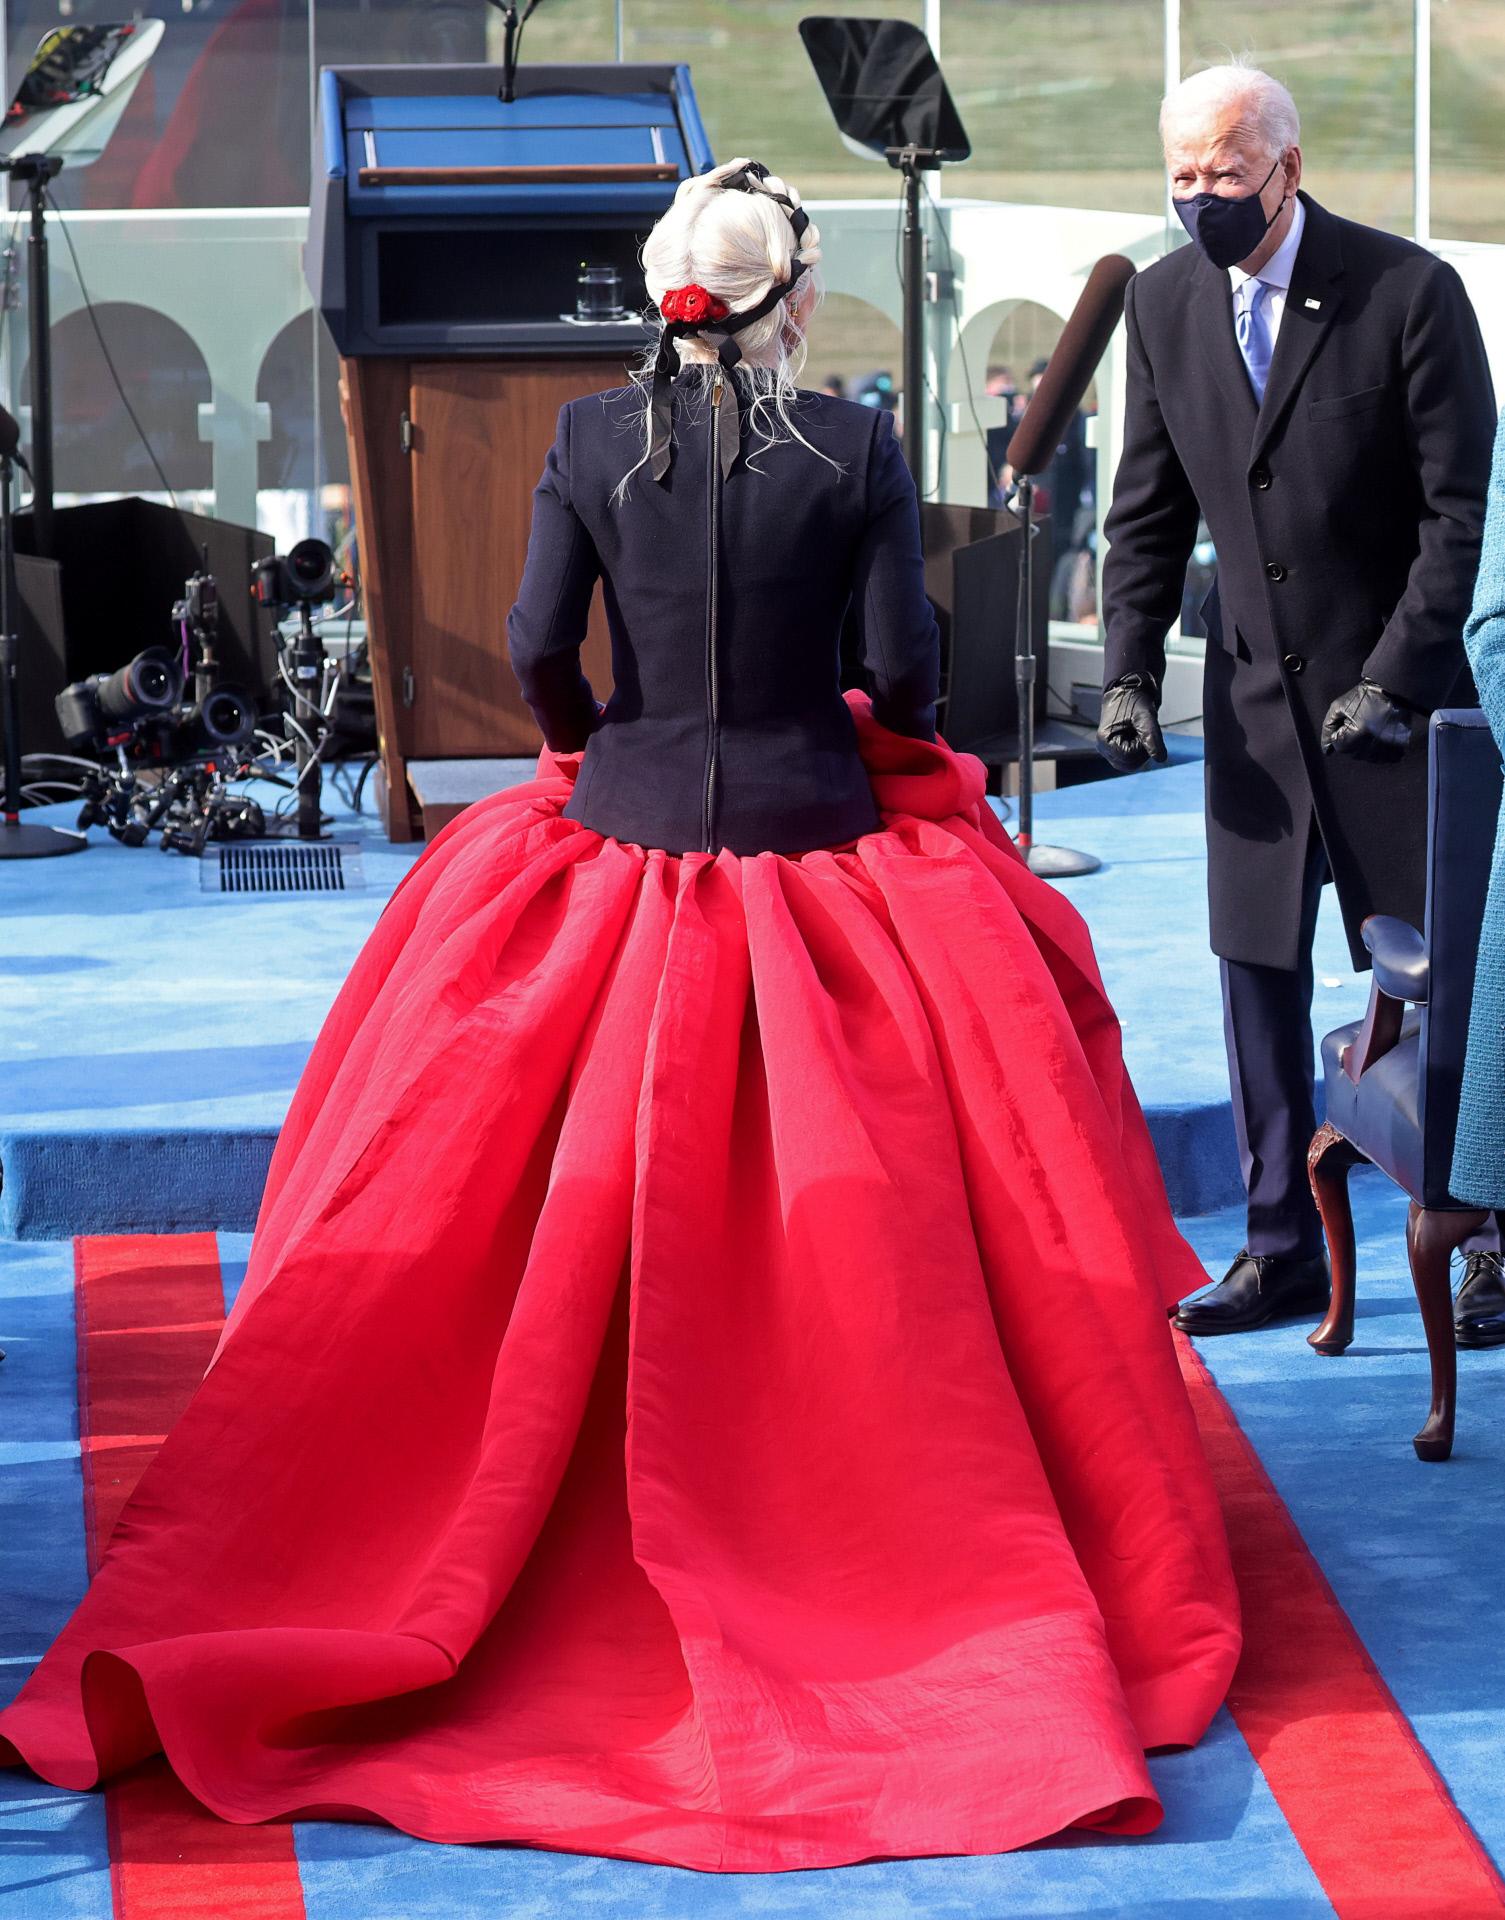 La cantante saluda a Joe Biden a su salida al escenario.